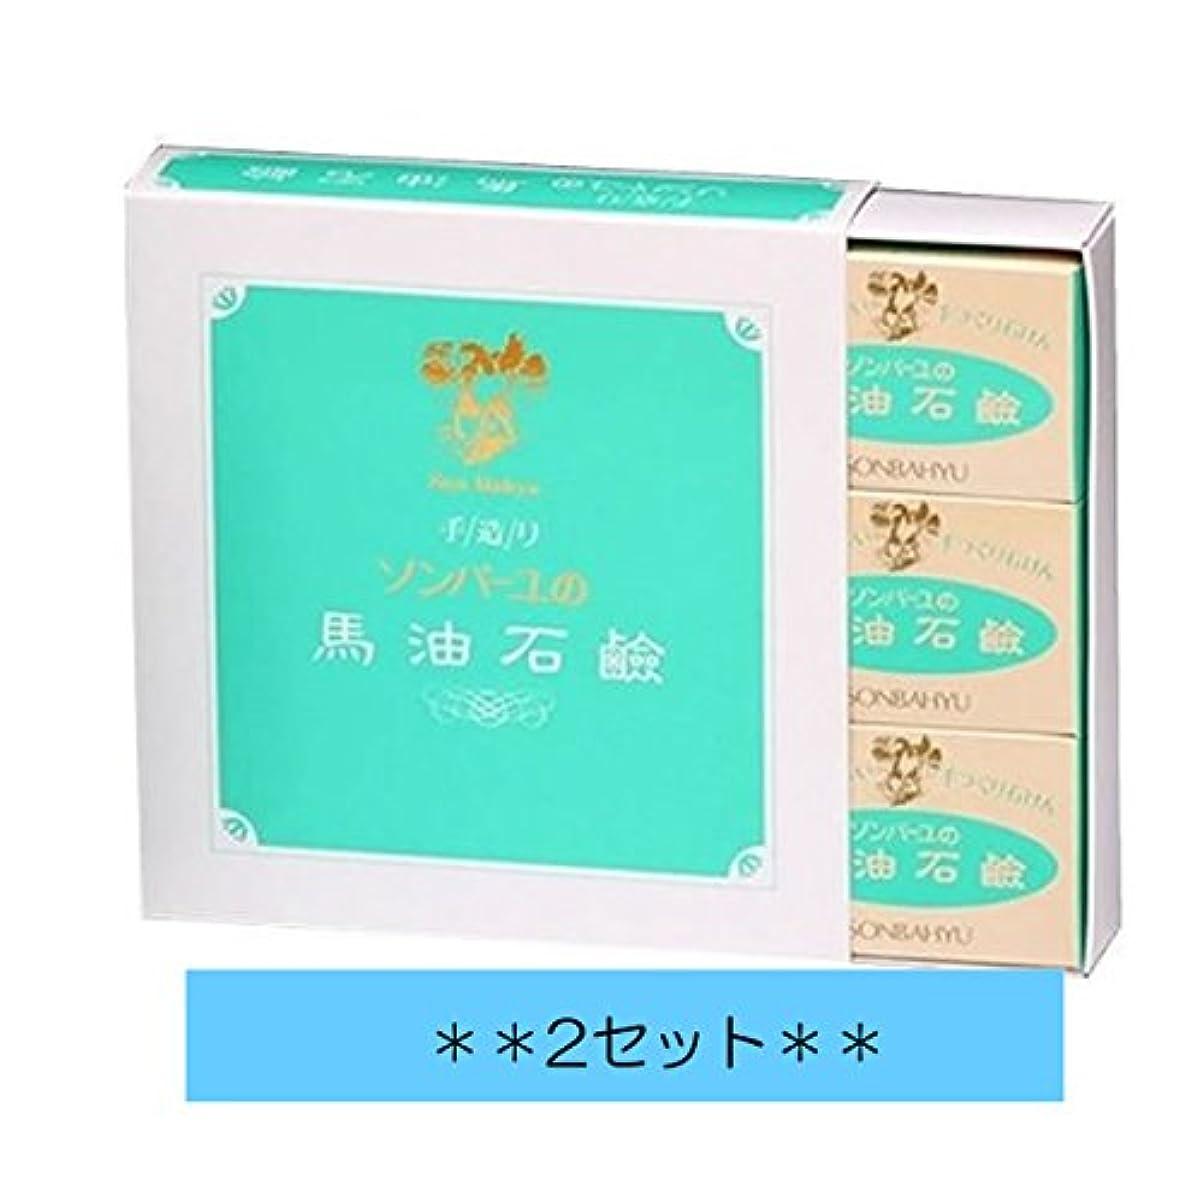 矢印カウンターパートセンチメートル【2箱セット】ソンバーユ石鹸 85g×6個